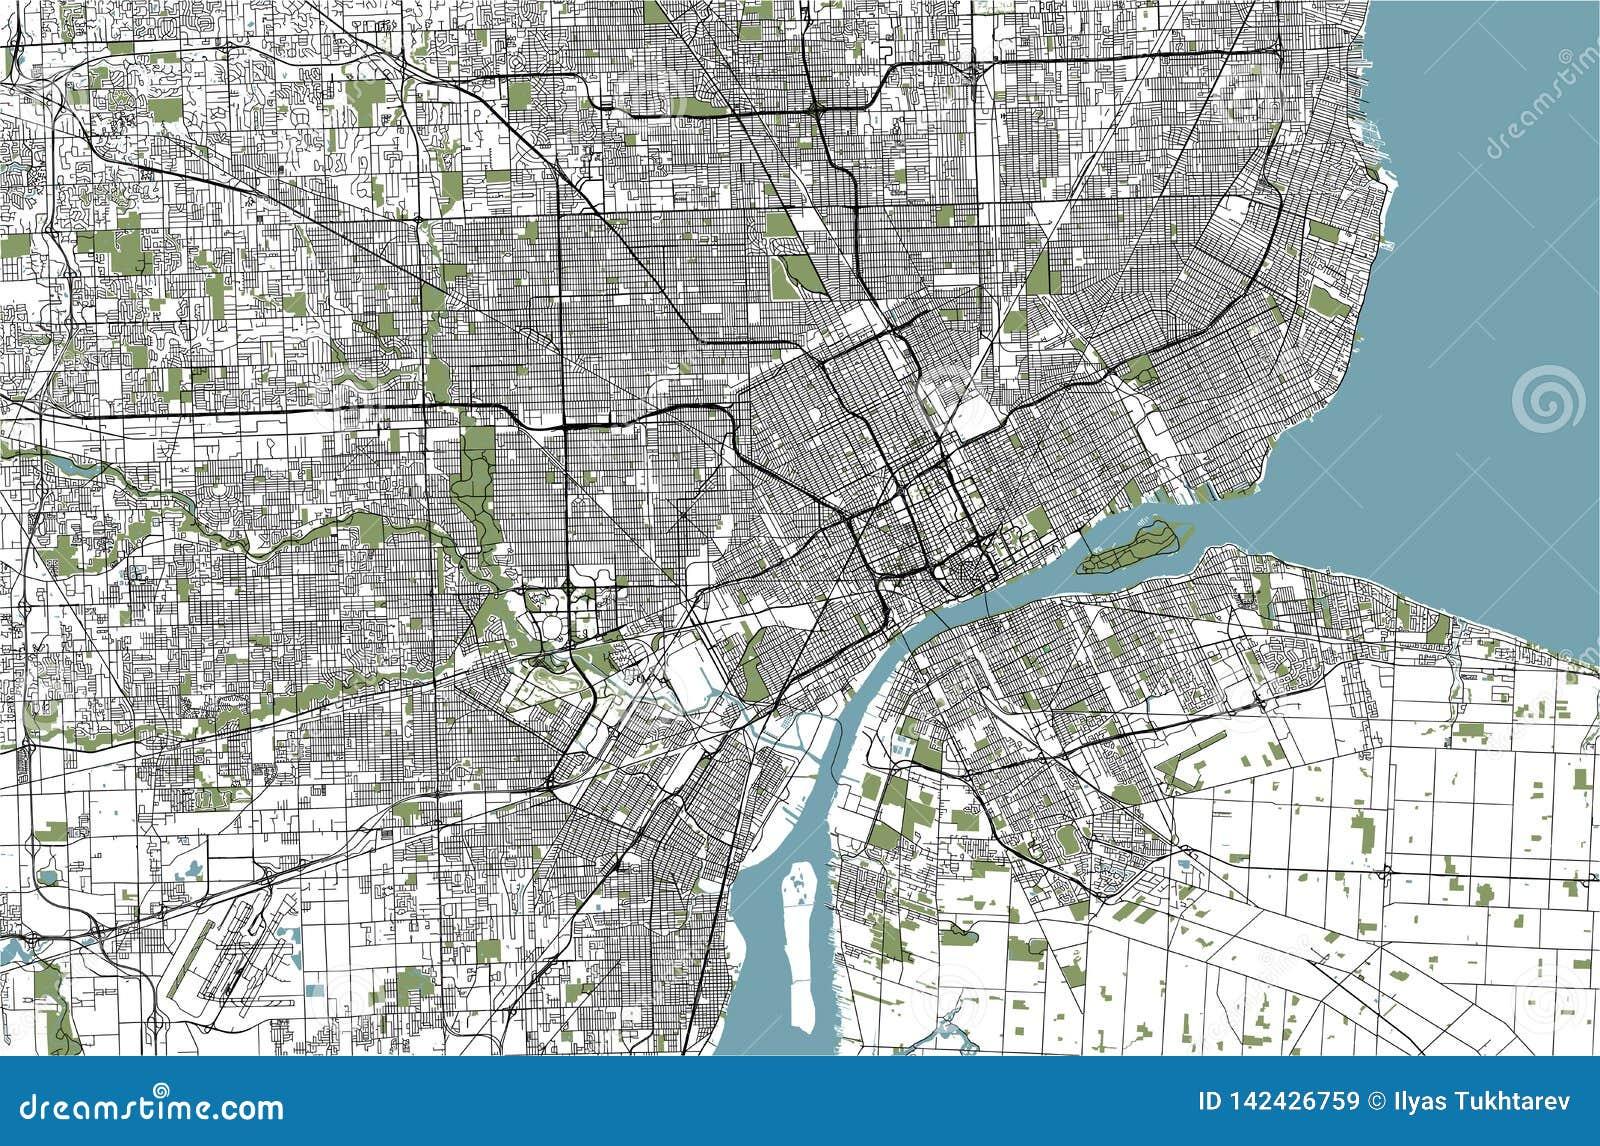 Χάρτης της πόλης του Ντιτρόιτ, Μίτσιγκαν, ΗΠΑ